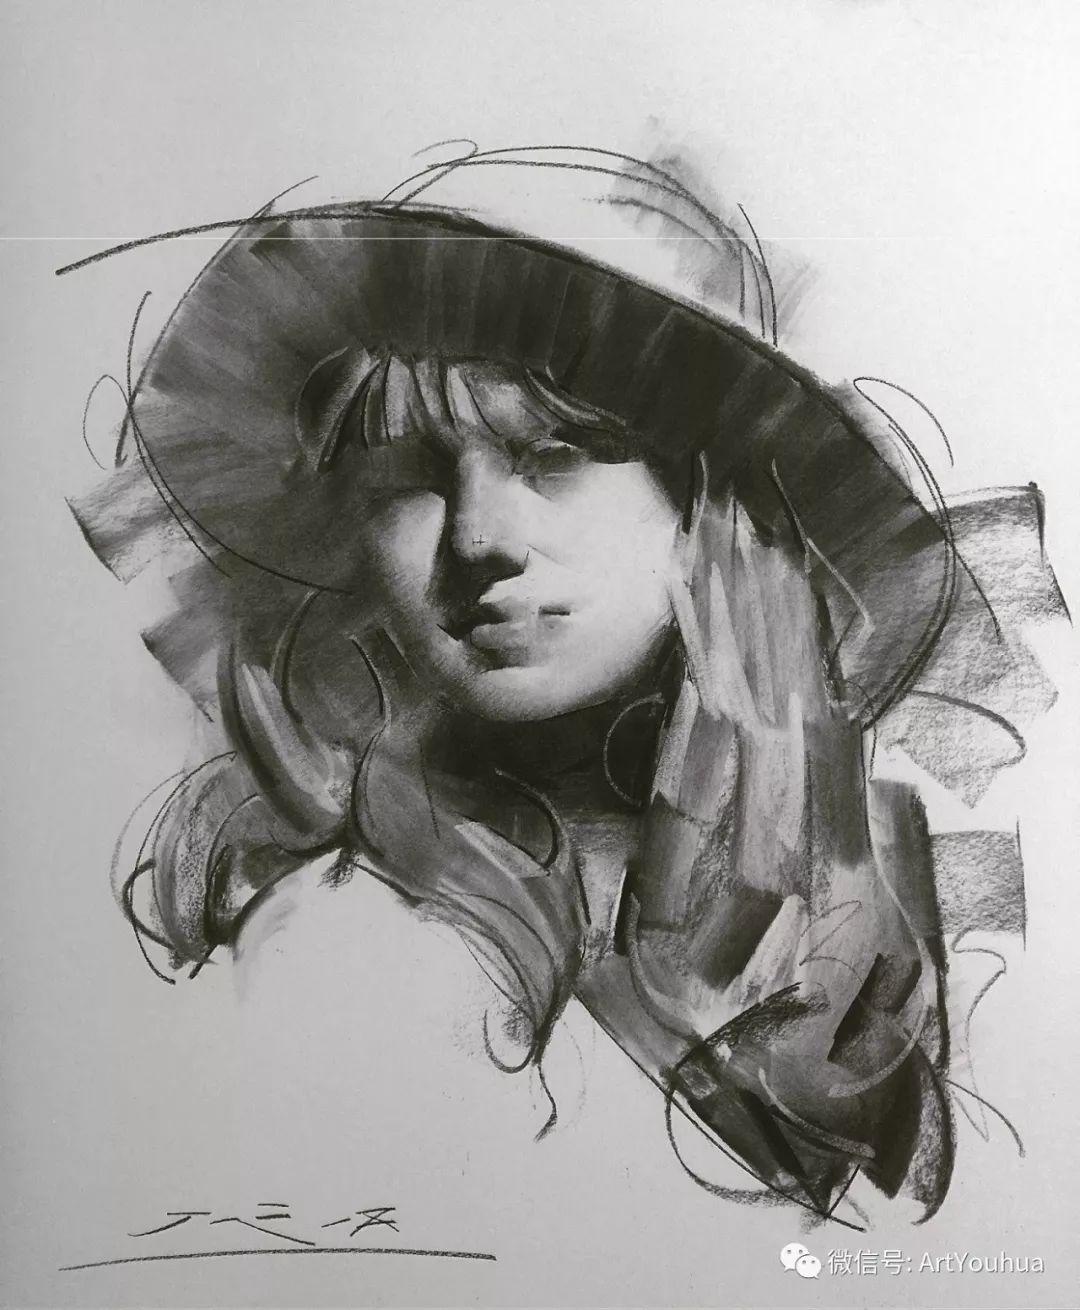 他的人物肖像绘画独具一格 还是位80后画家插图97